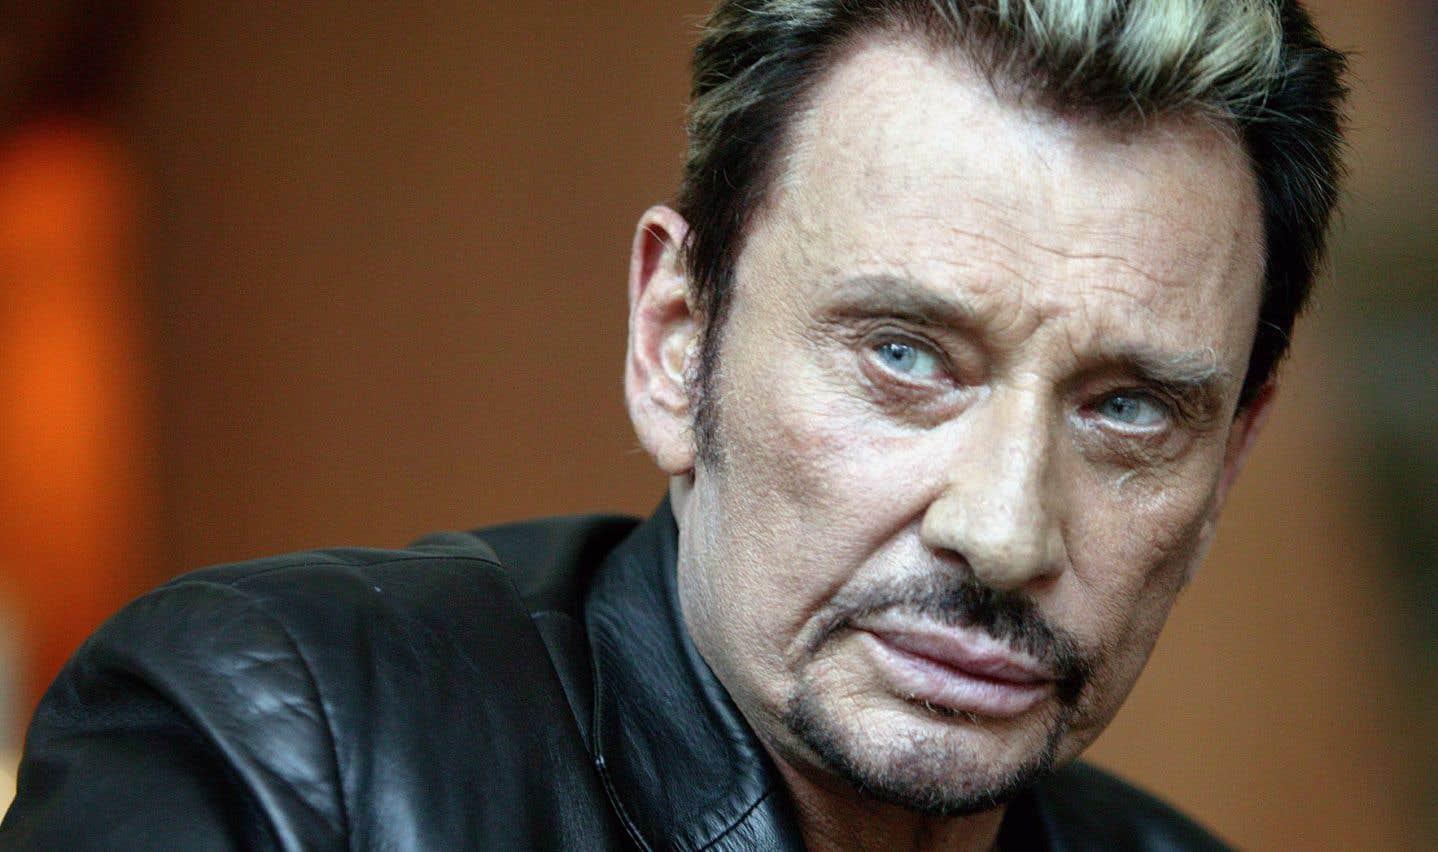 Johnny Hallyday, véritable monstre du rock français, est mort dans la nuit de mardi à mercredi à 74 ans, des suites d'un cancer du poumon.